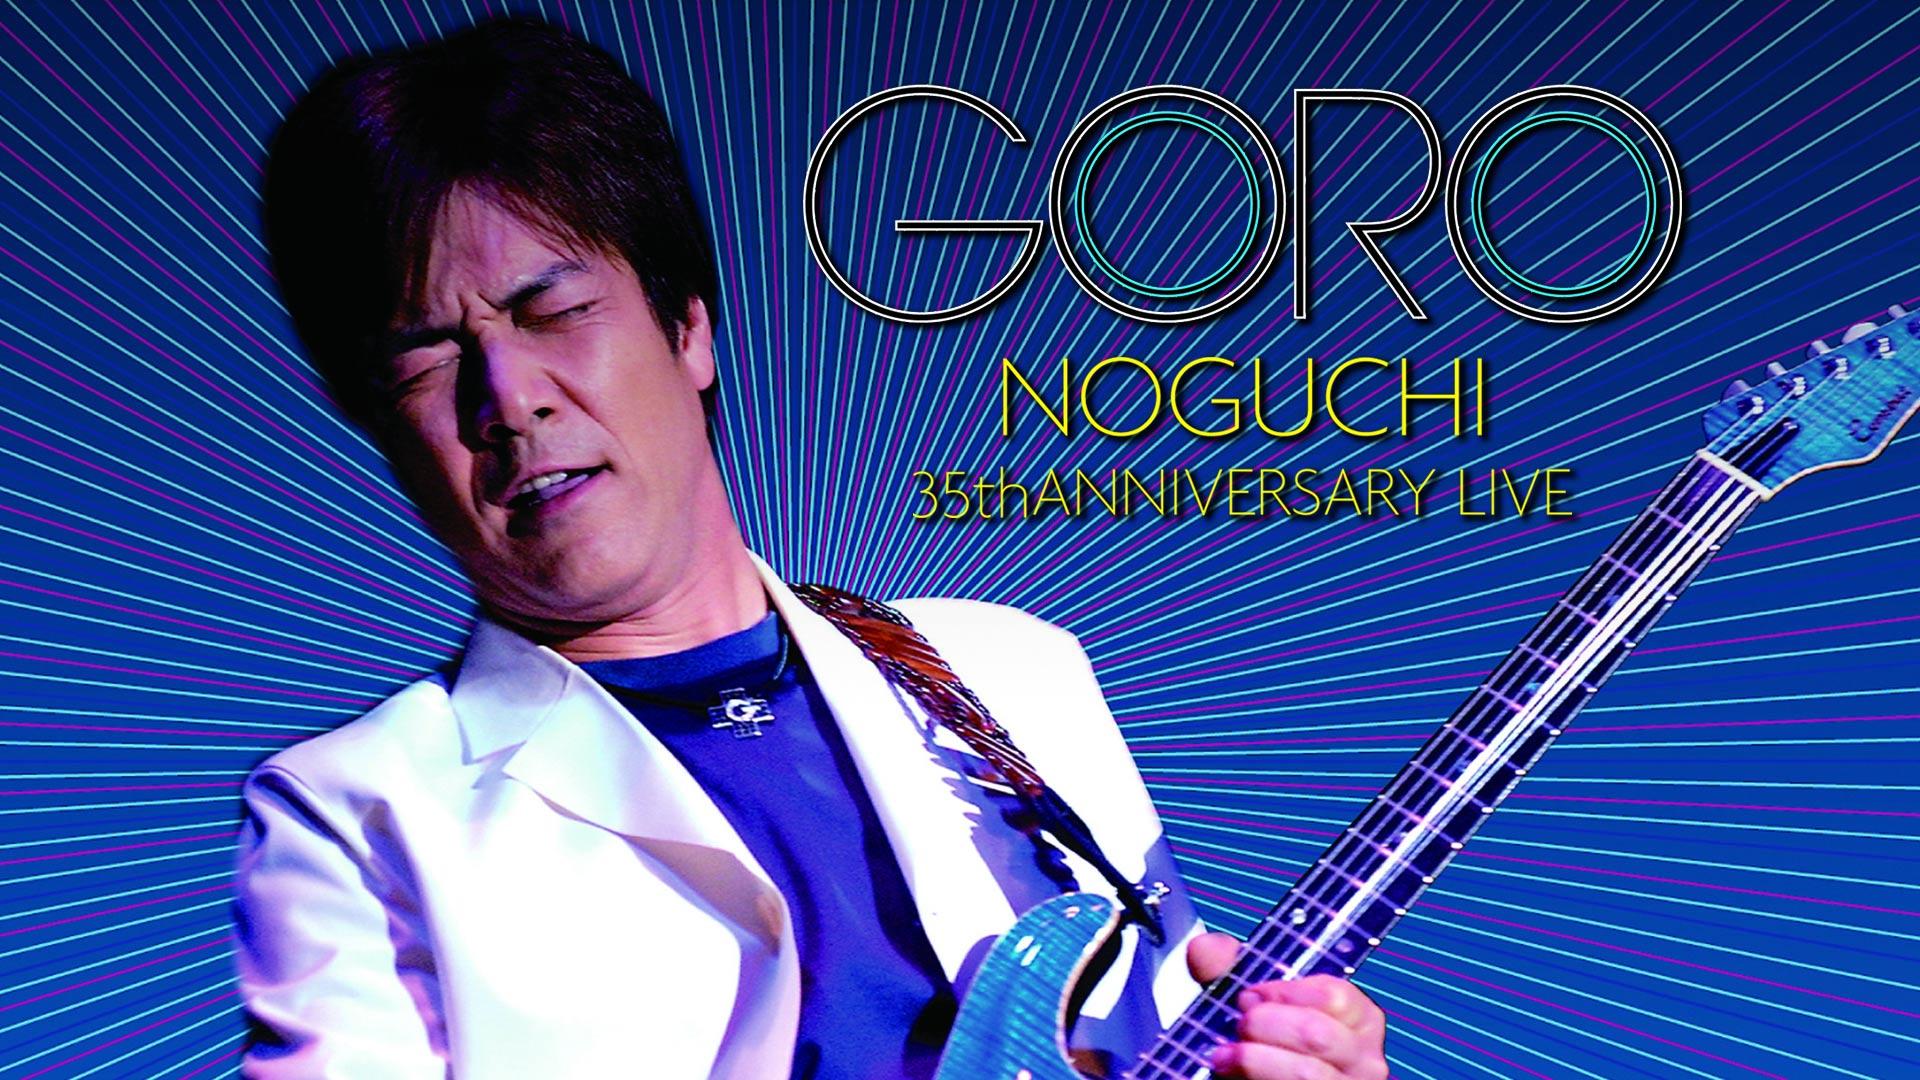 野口五郎 35th anniversary LIVE